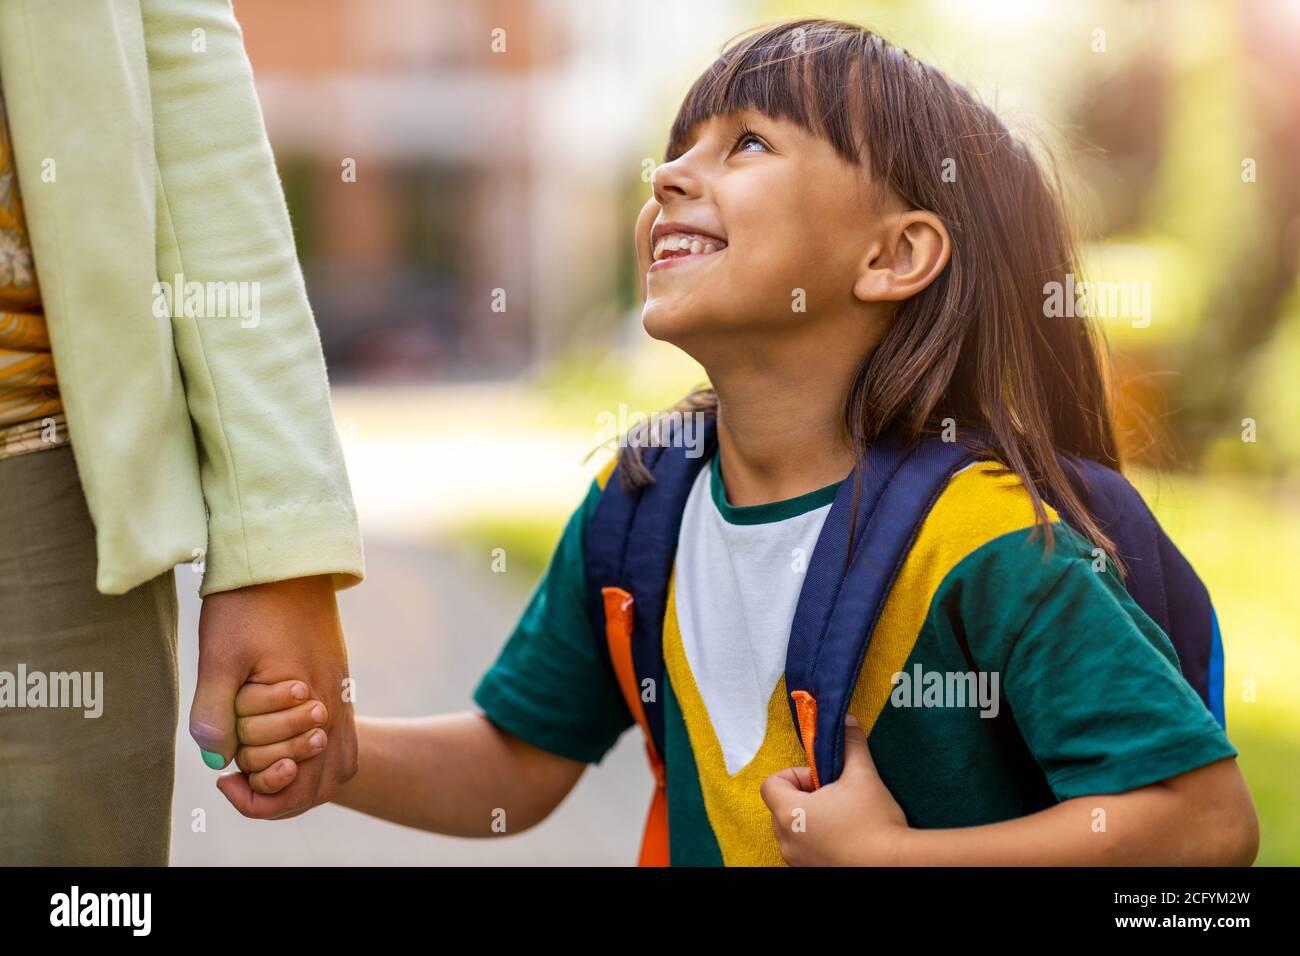 Madre llevando a su hija a la escuela Foto de stock